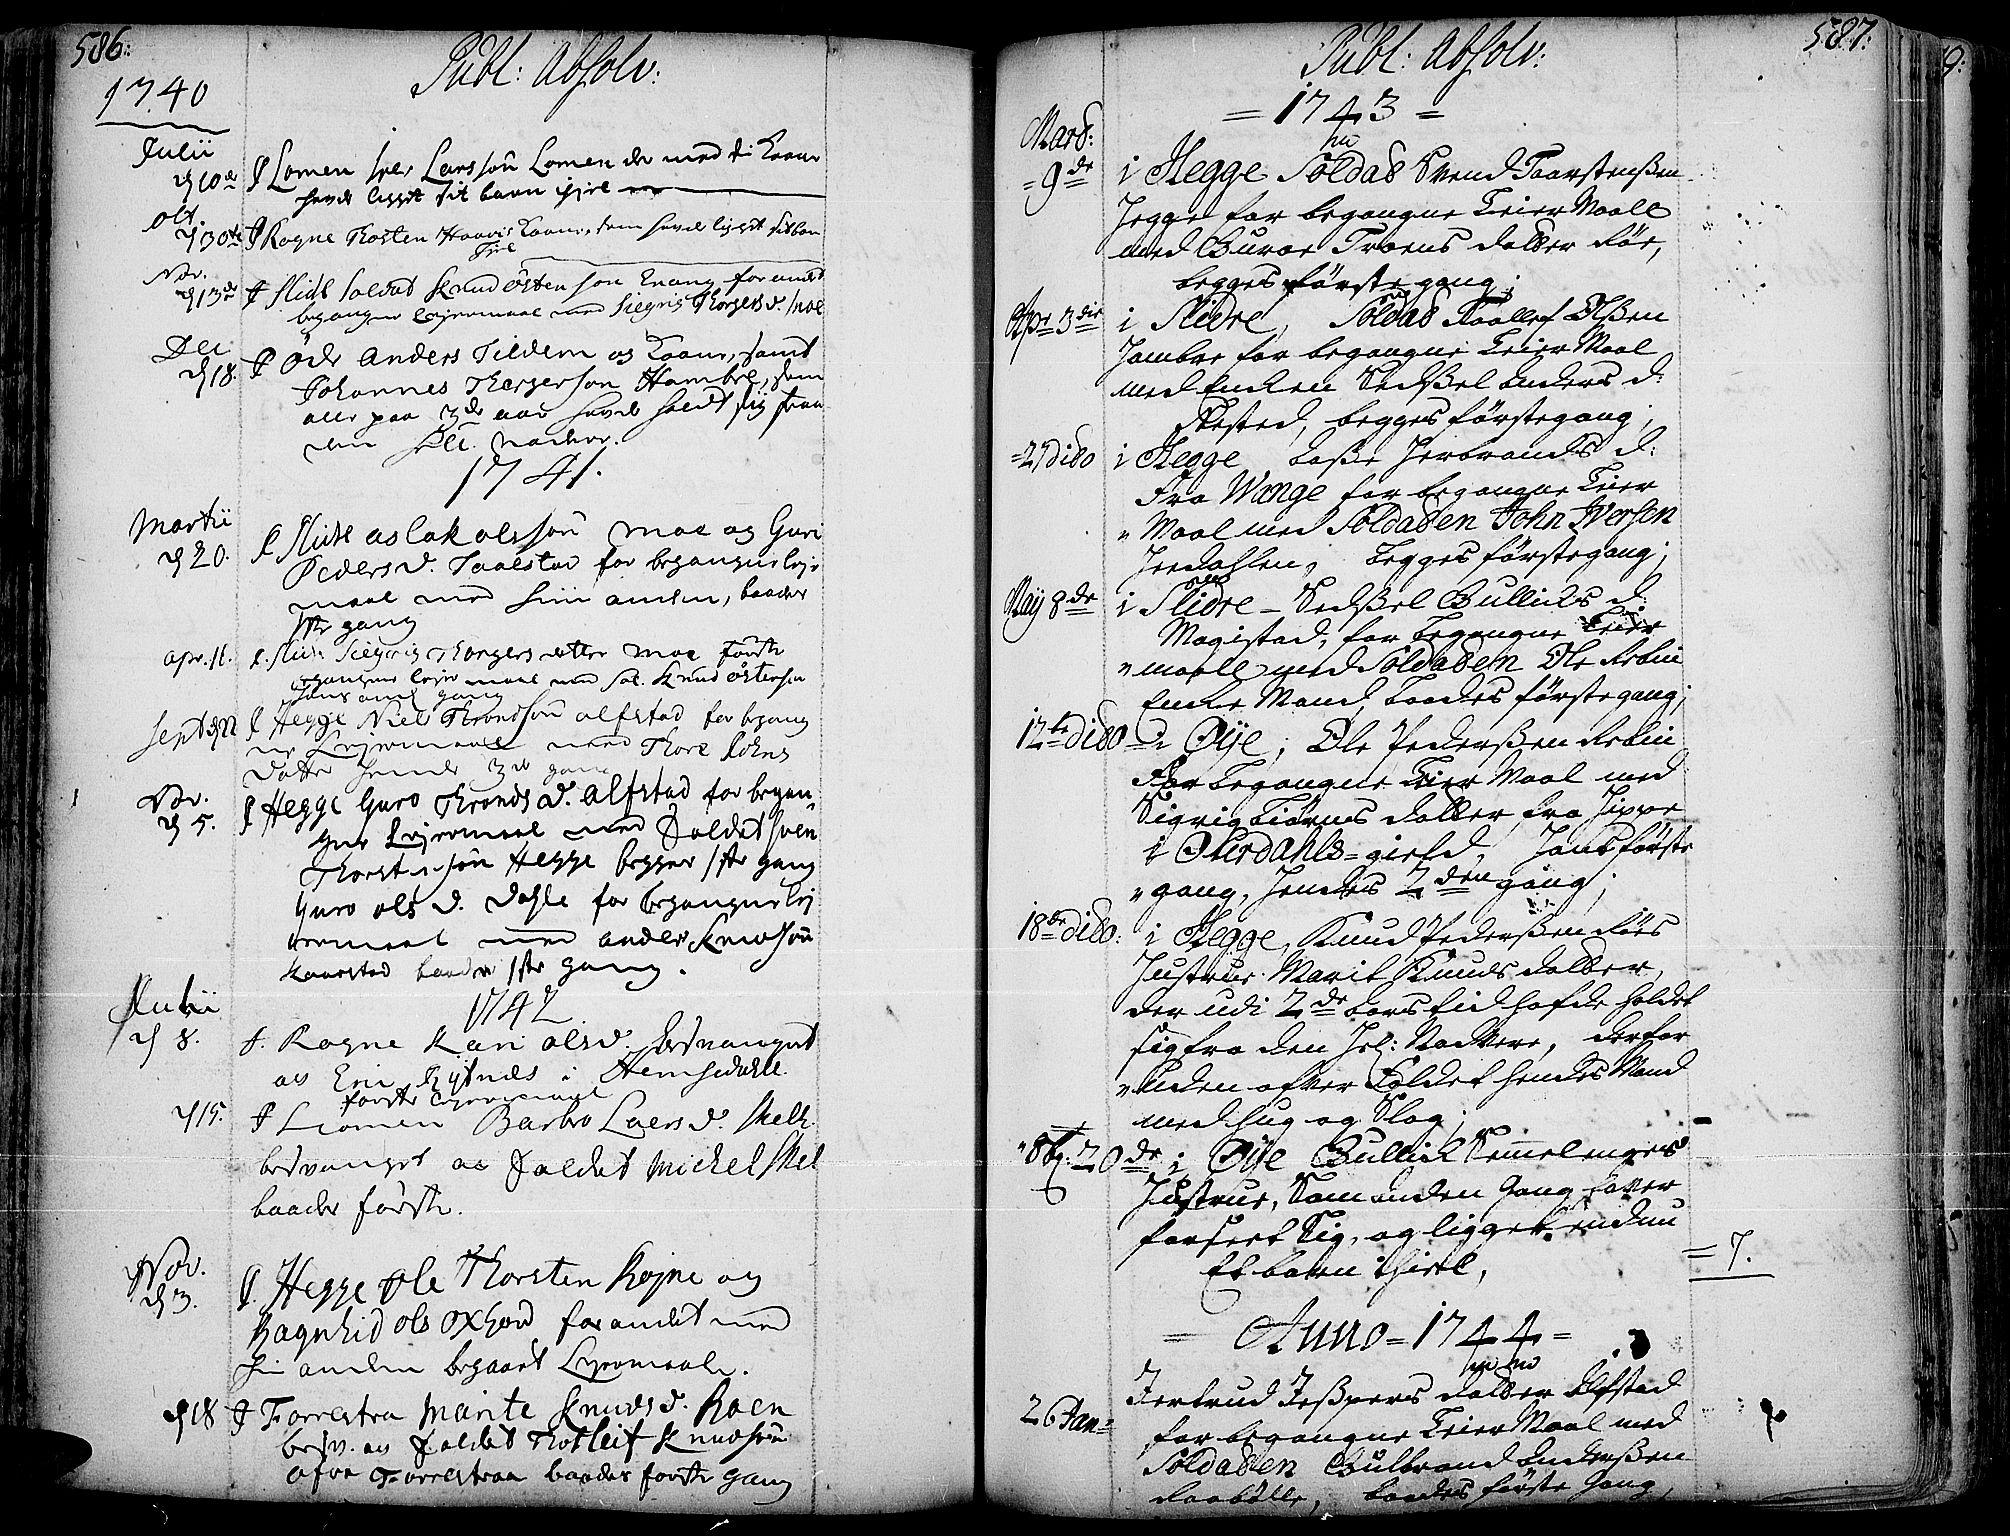 SAH, Slidre prestekontor, Ministerialbok nr. 1, 1724-1814, s. 586-587